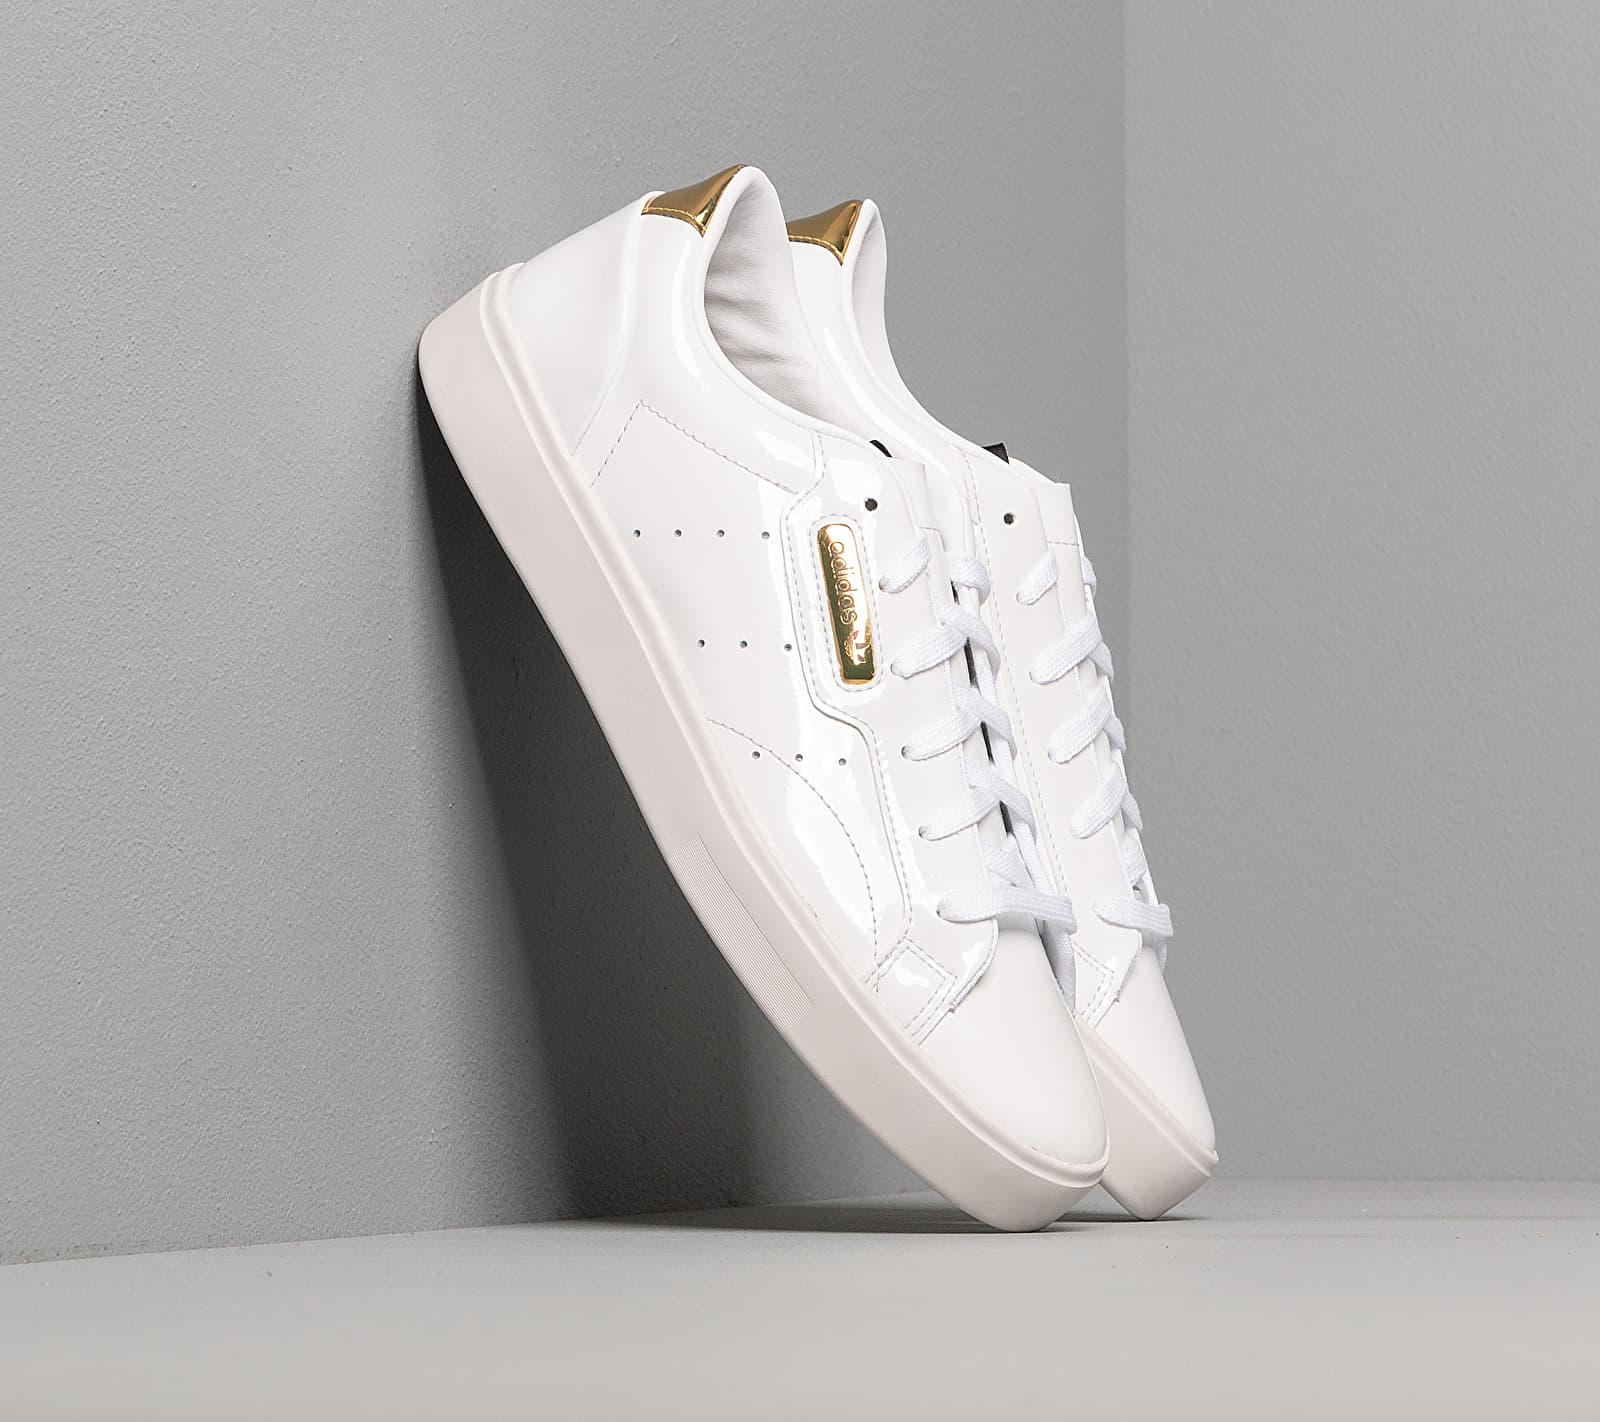 adidas Sleek W Ftw White/ Crystal White/ Gold Metalic EUR 40